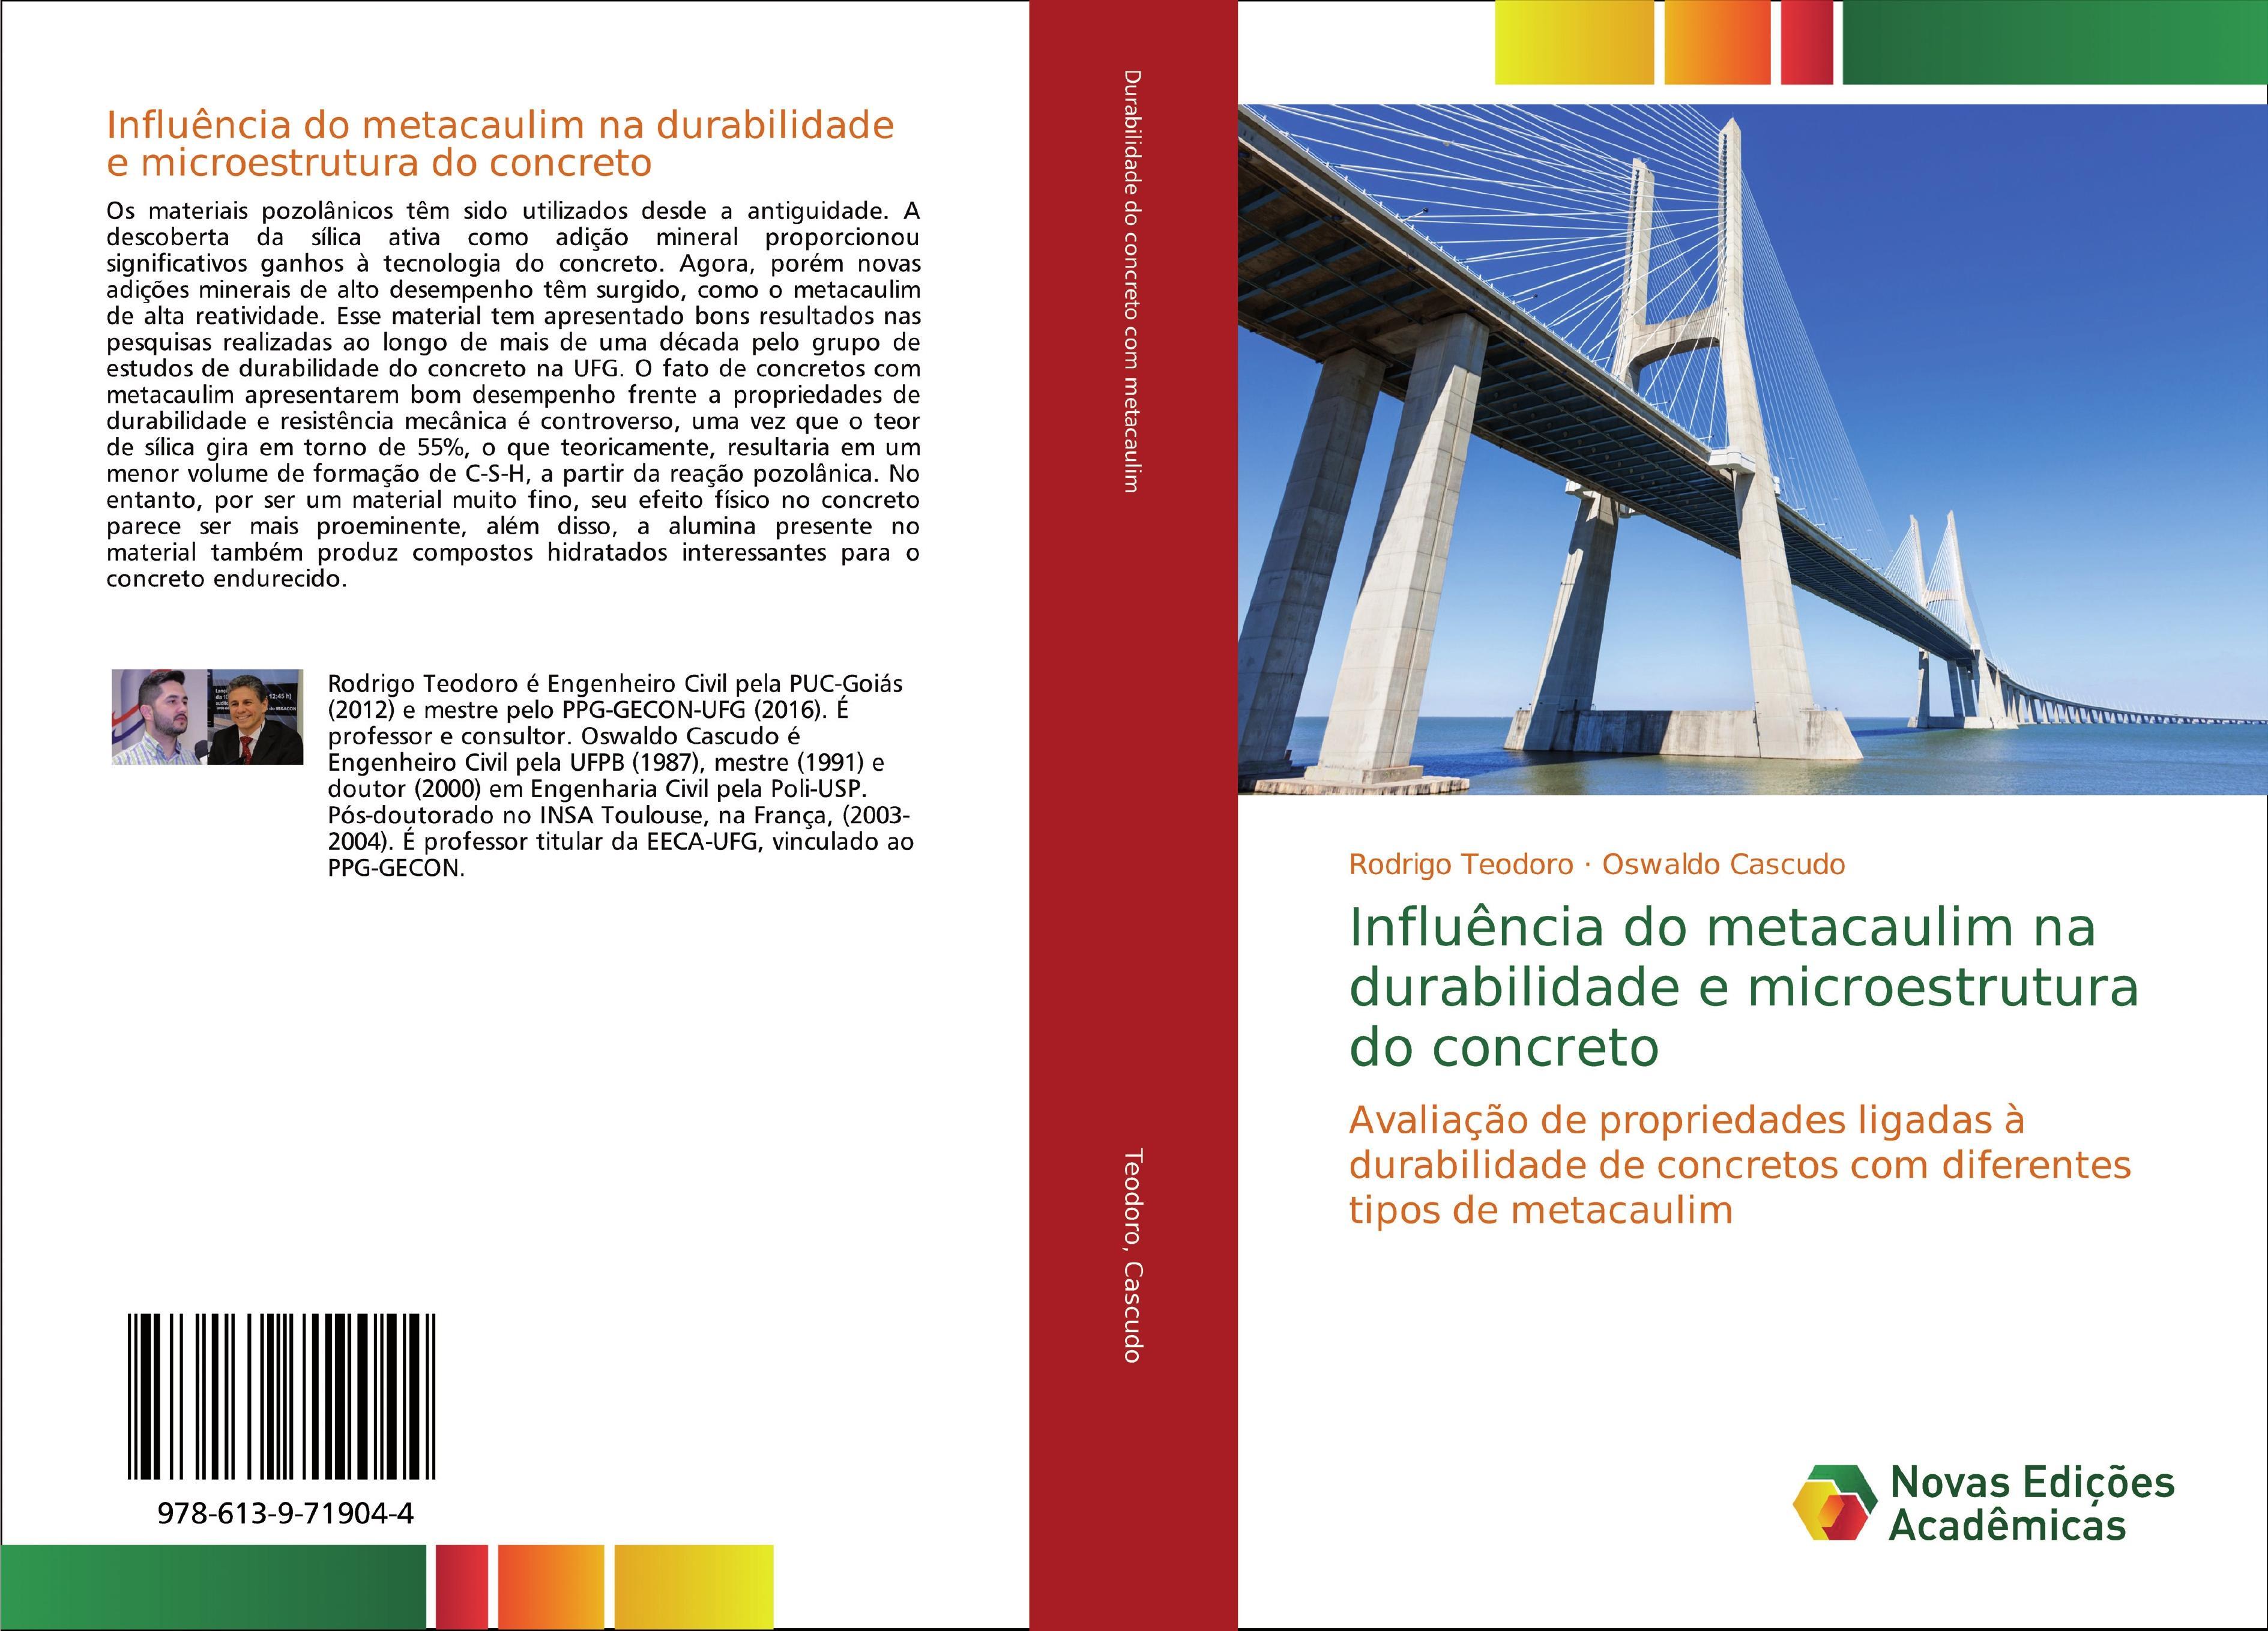 Influência do metacaulim na durabilidade e microestrutura do concreto